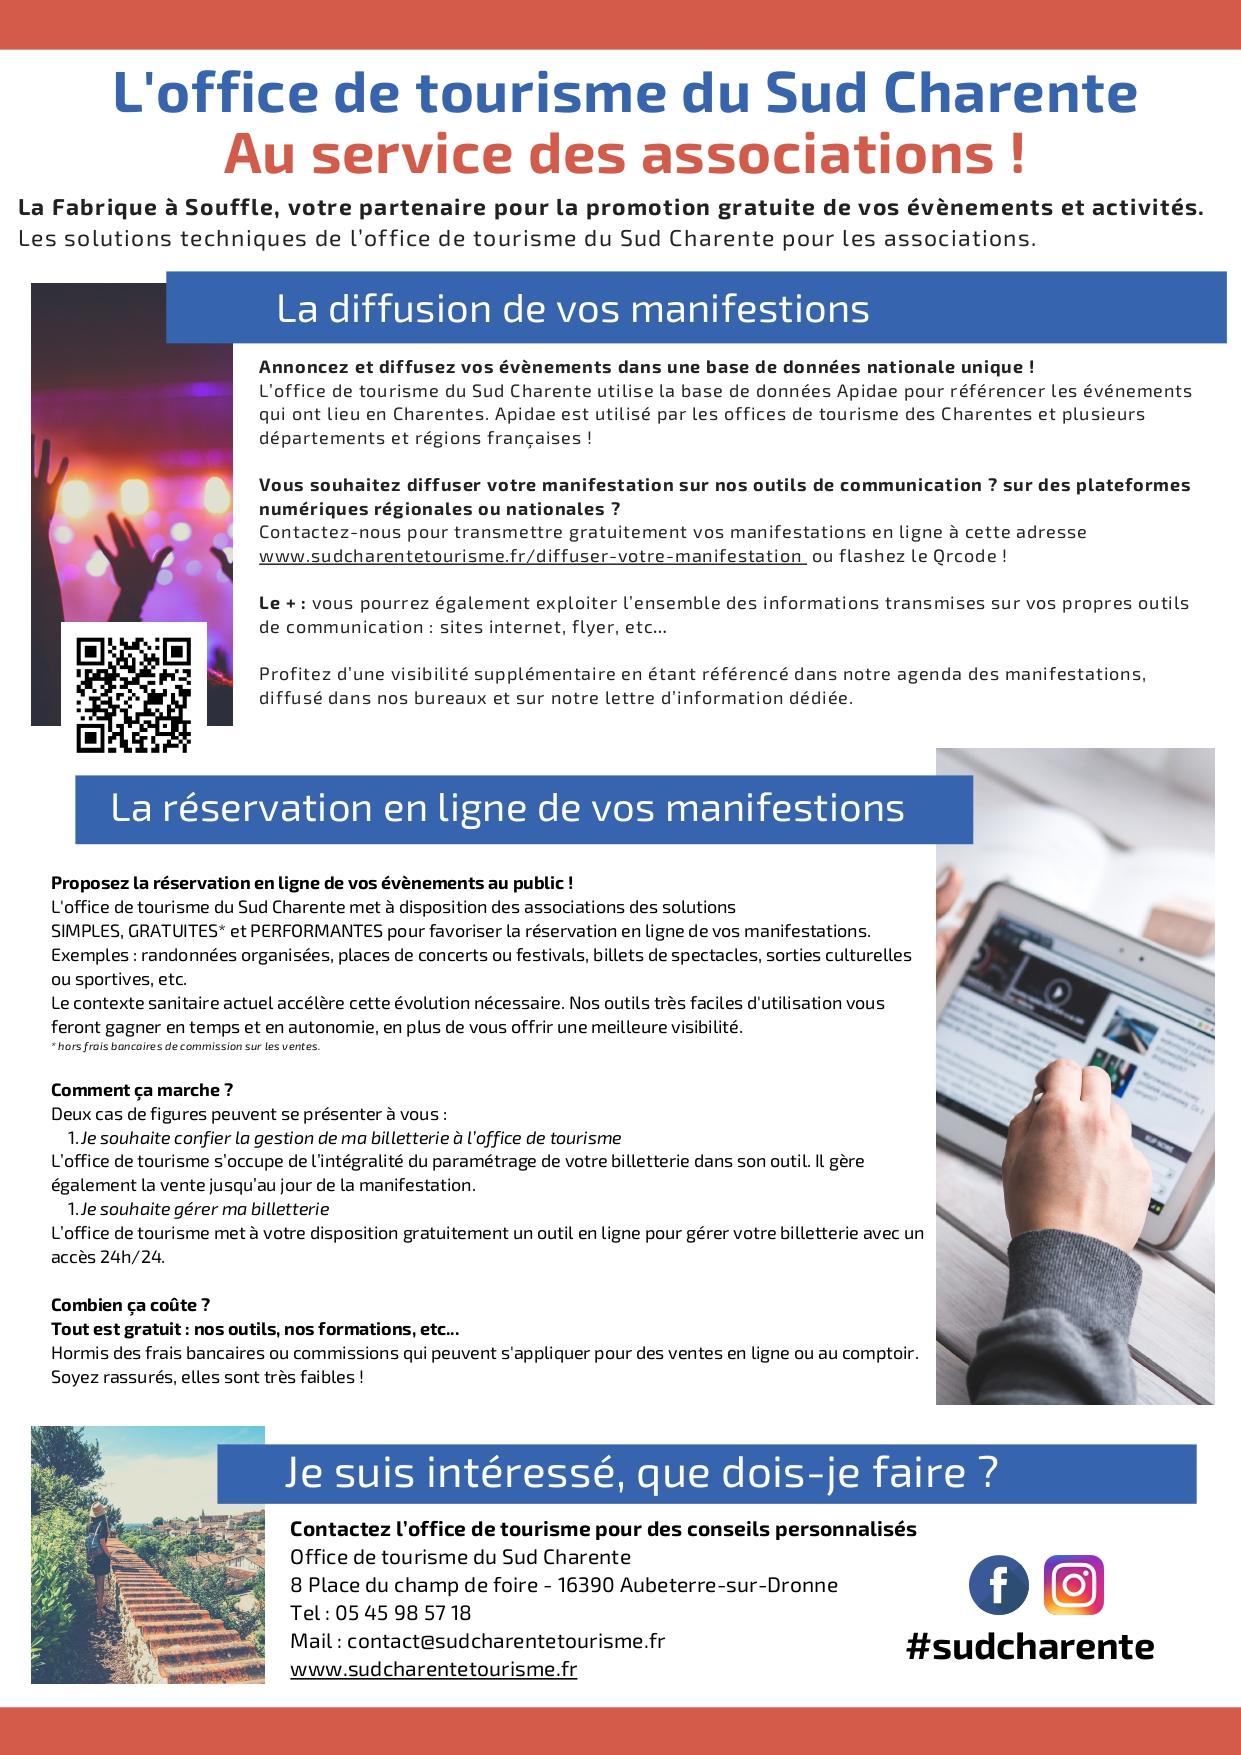 La Fabrique à Souffle, votre partenaire pour la promotion gratuite de vos évènements et activités. Les solutions techniques de l'office de tourisme du Sud Charente pour les associations. Annoncez et diffusez vos évènements dans une base de données nationale unique !